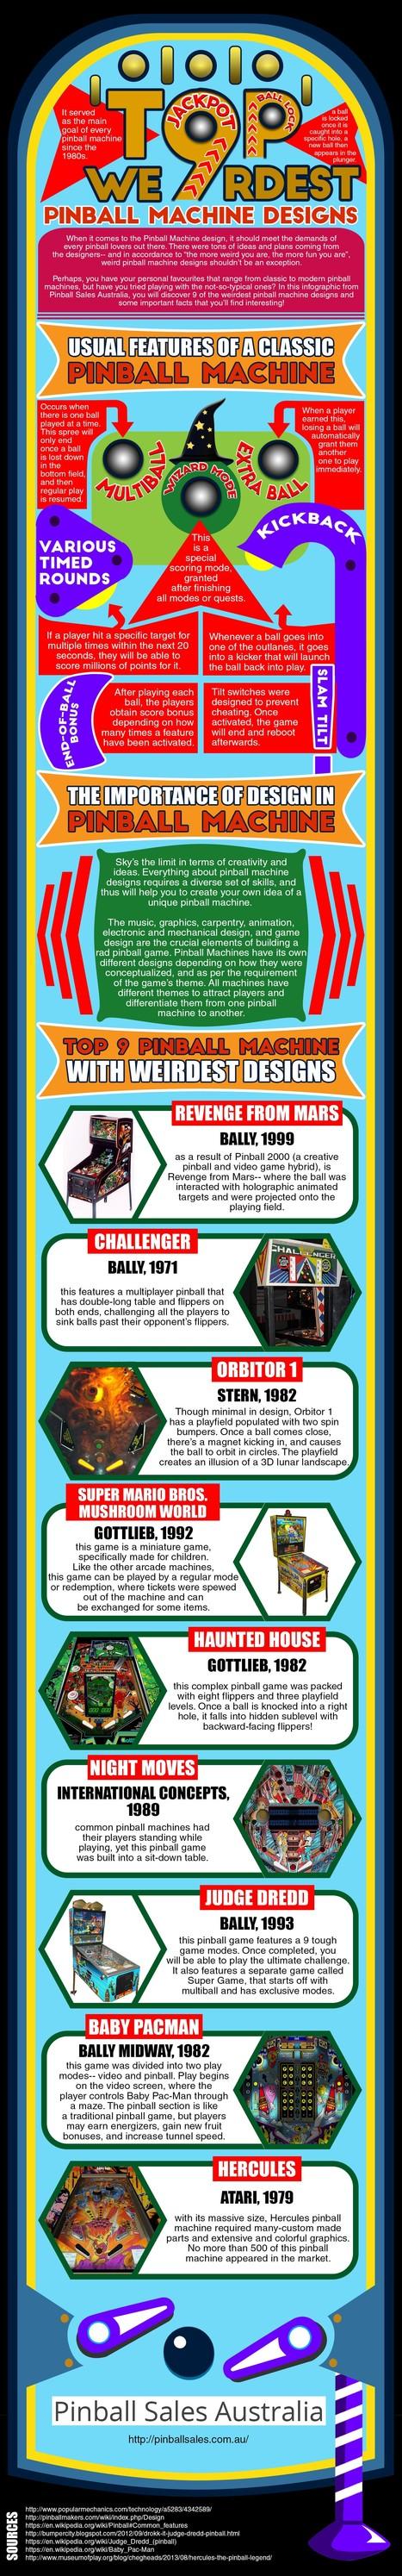 Top 10 Weirdest Pinball Machines since 1970 | All Infographics | Scoop.it